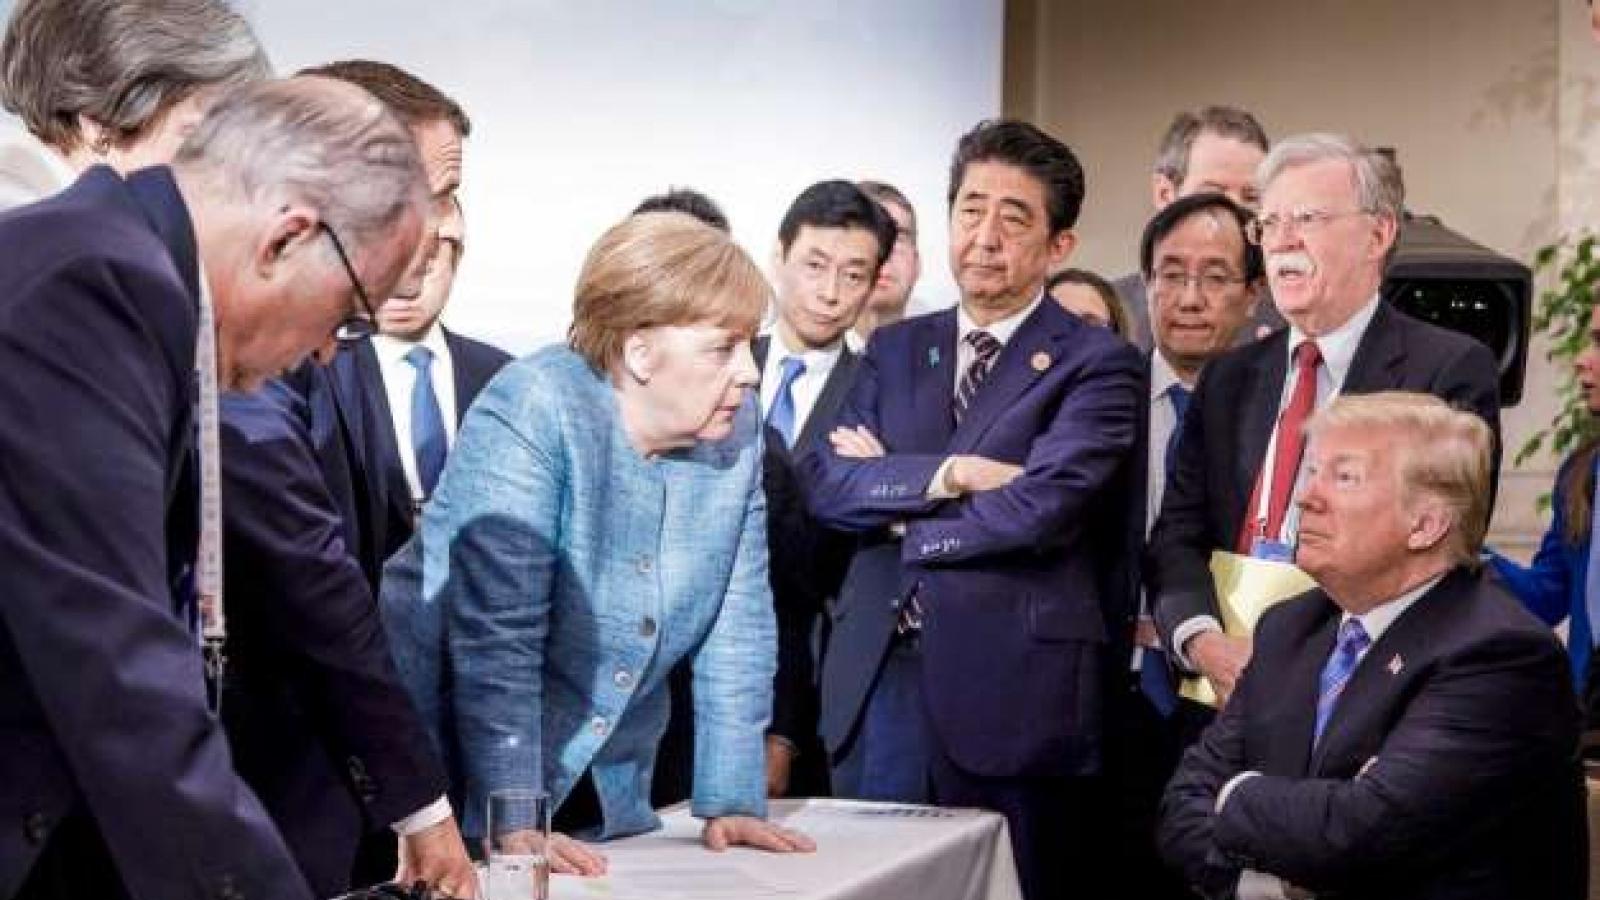 """Những khoảnh khắc mang đậm """"dấu ấn Donald Trump"""" trong suốt nhiệm kỳ Tổng thống của ông"""